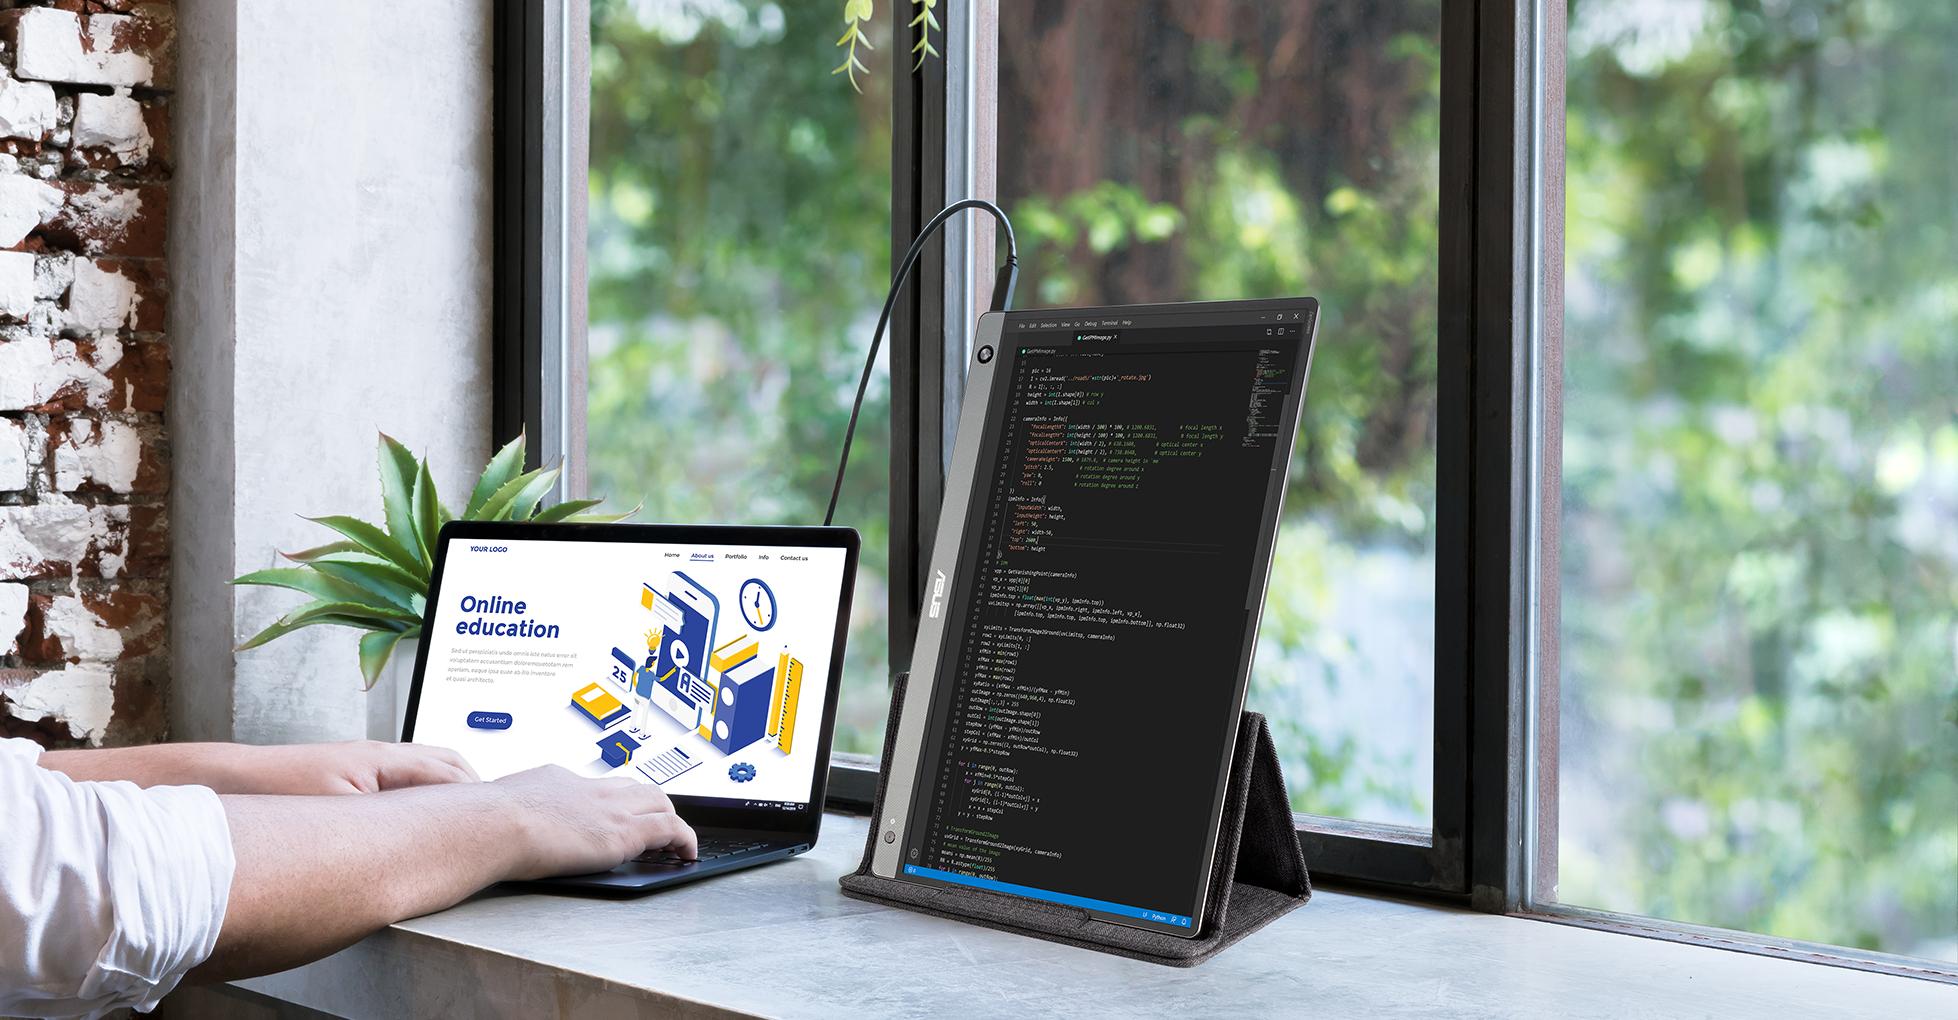 ZenScreen MB16AH erkennt die Bildschirm-Ausrichtung automatisch und wechselt zwischen Hoch- und Querformat